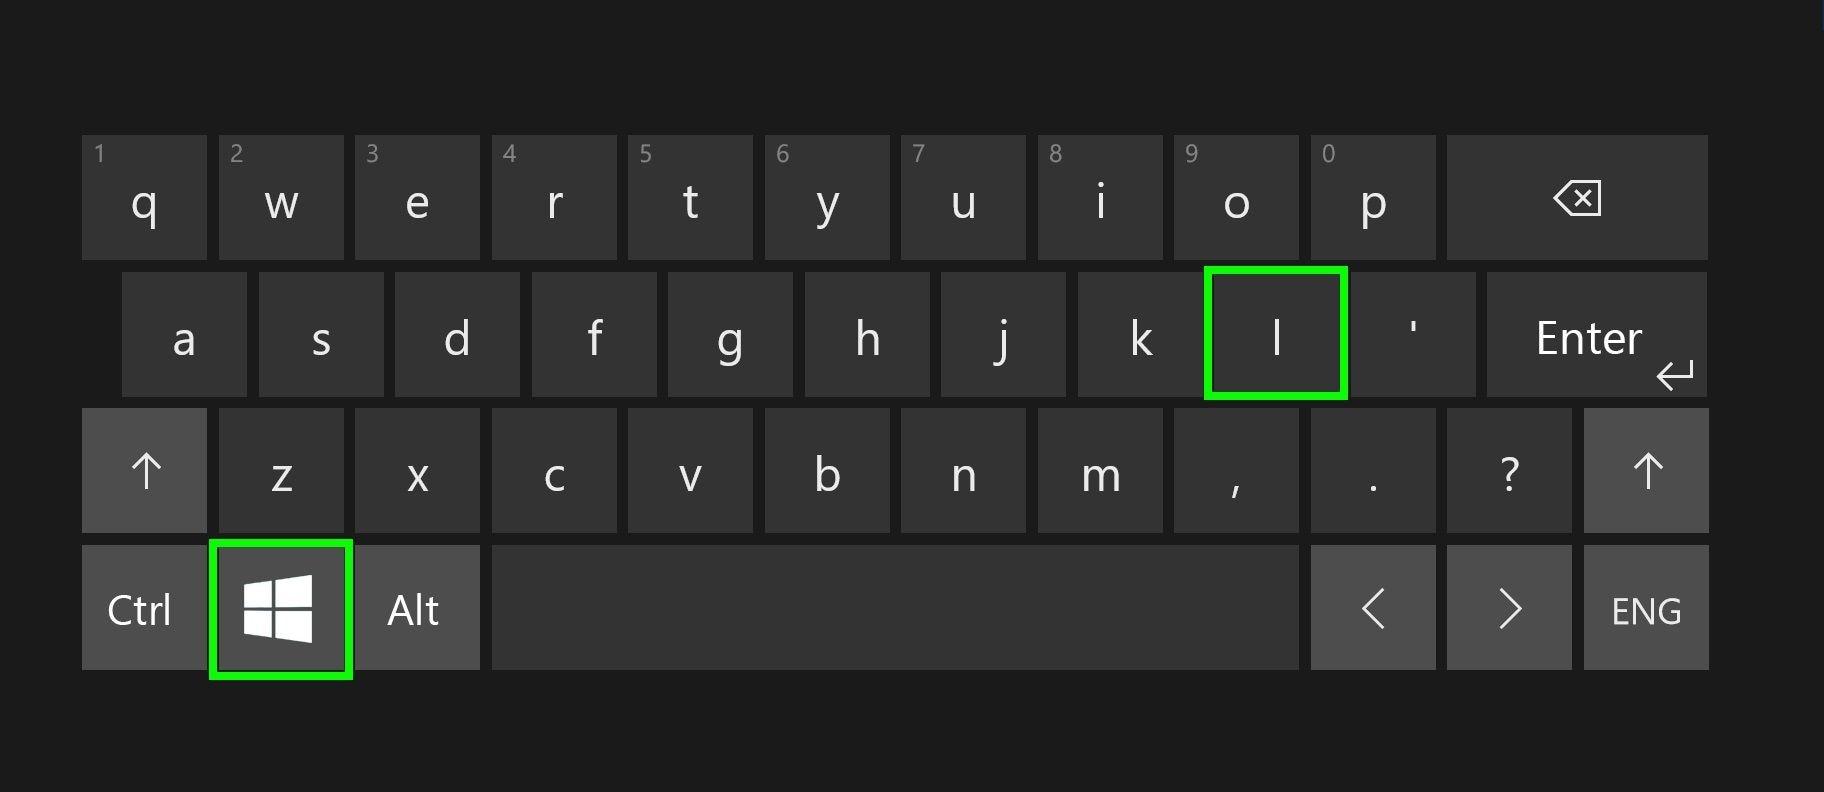 click on windows and i key